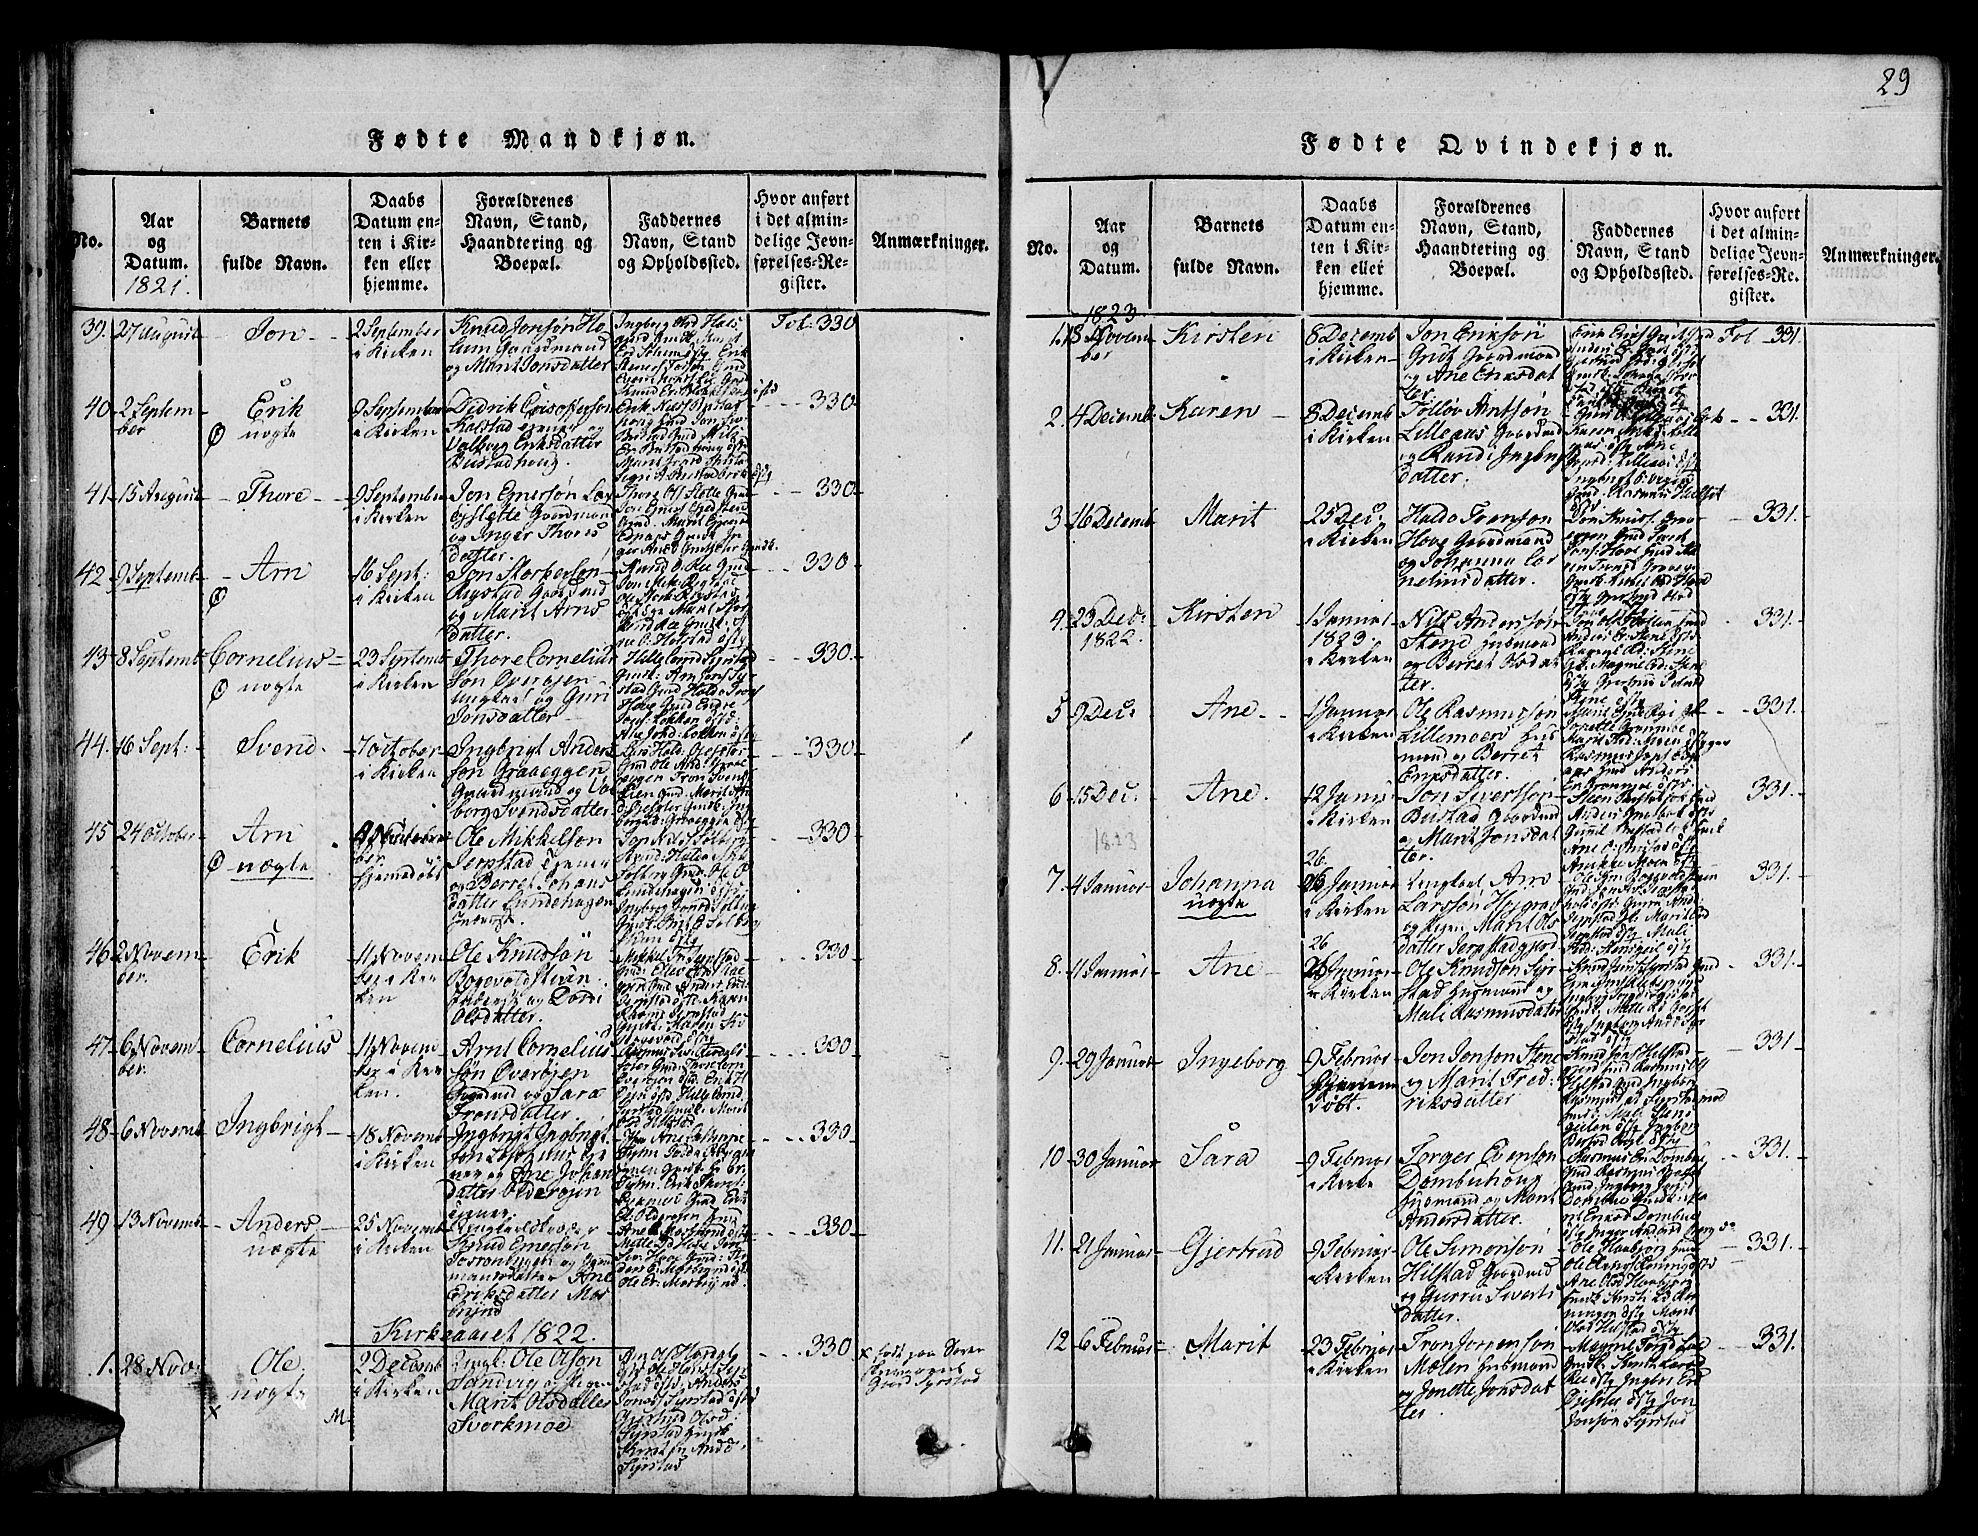 SAT, Ministerialprotokoller, klokkerbøker og fødselsregistre - Sør-Trøndelag, 672/L0853: Ministerialbok nr. 672A06 /1, 1816-1829, s. 29